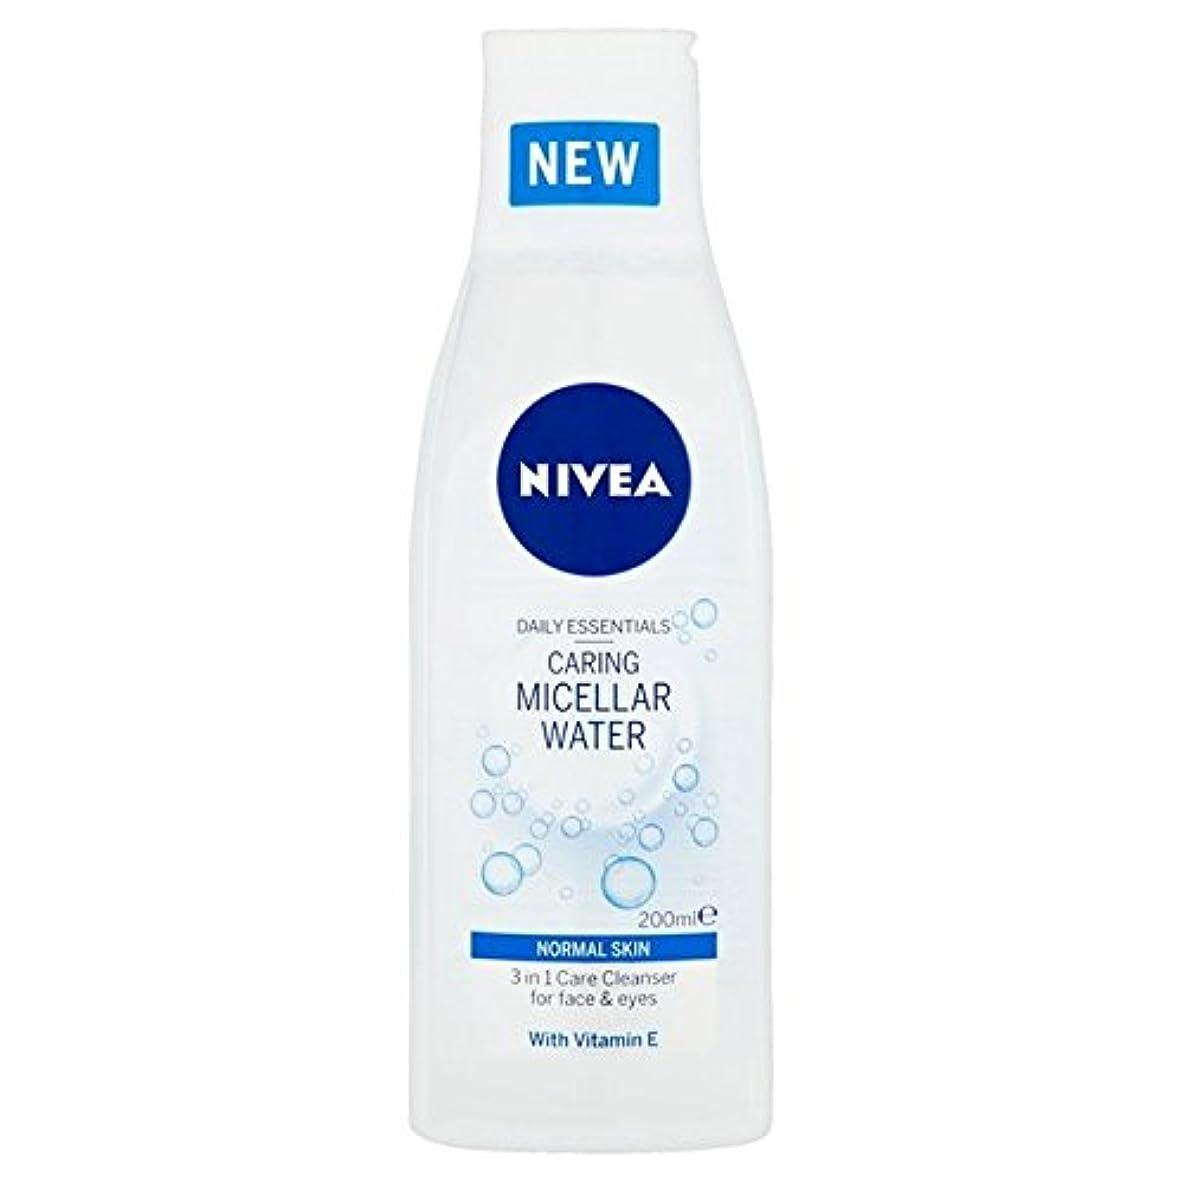 警報深い連隊Nivea 3 in 1 Sensitive Caring Micellar Water Normal Skin 200ml (Pack of 6) - 1つの敏感な思いやりのあるミセル水の正常な皮膚の200ミリリットル...